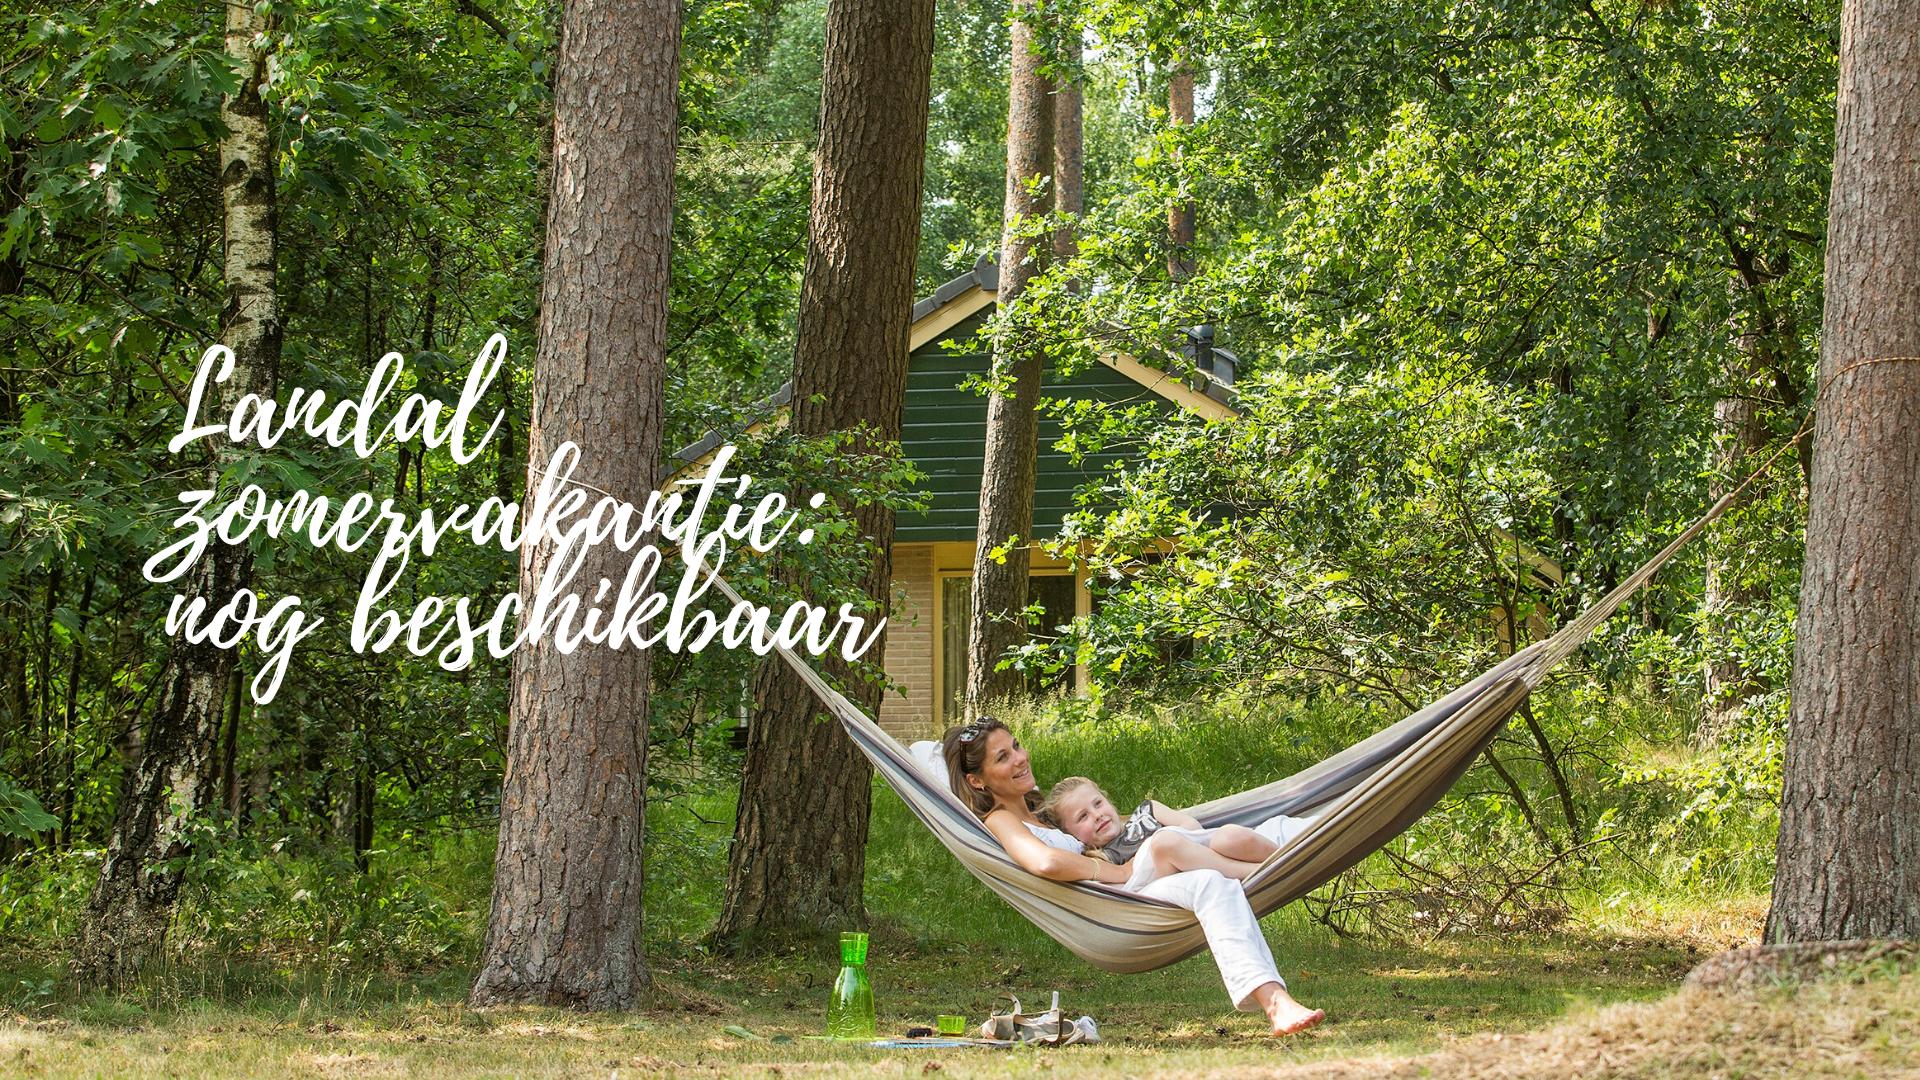 Landal zomervakantie nog beschikbaar